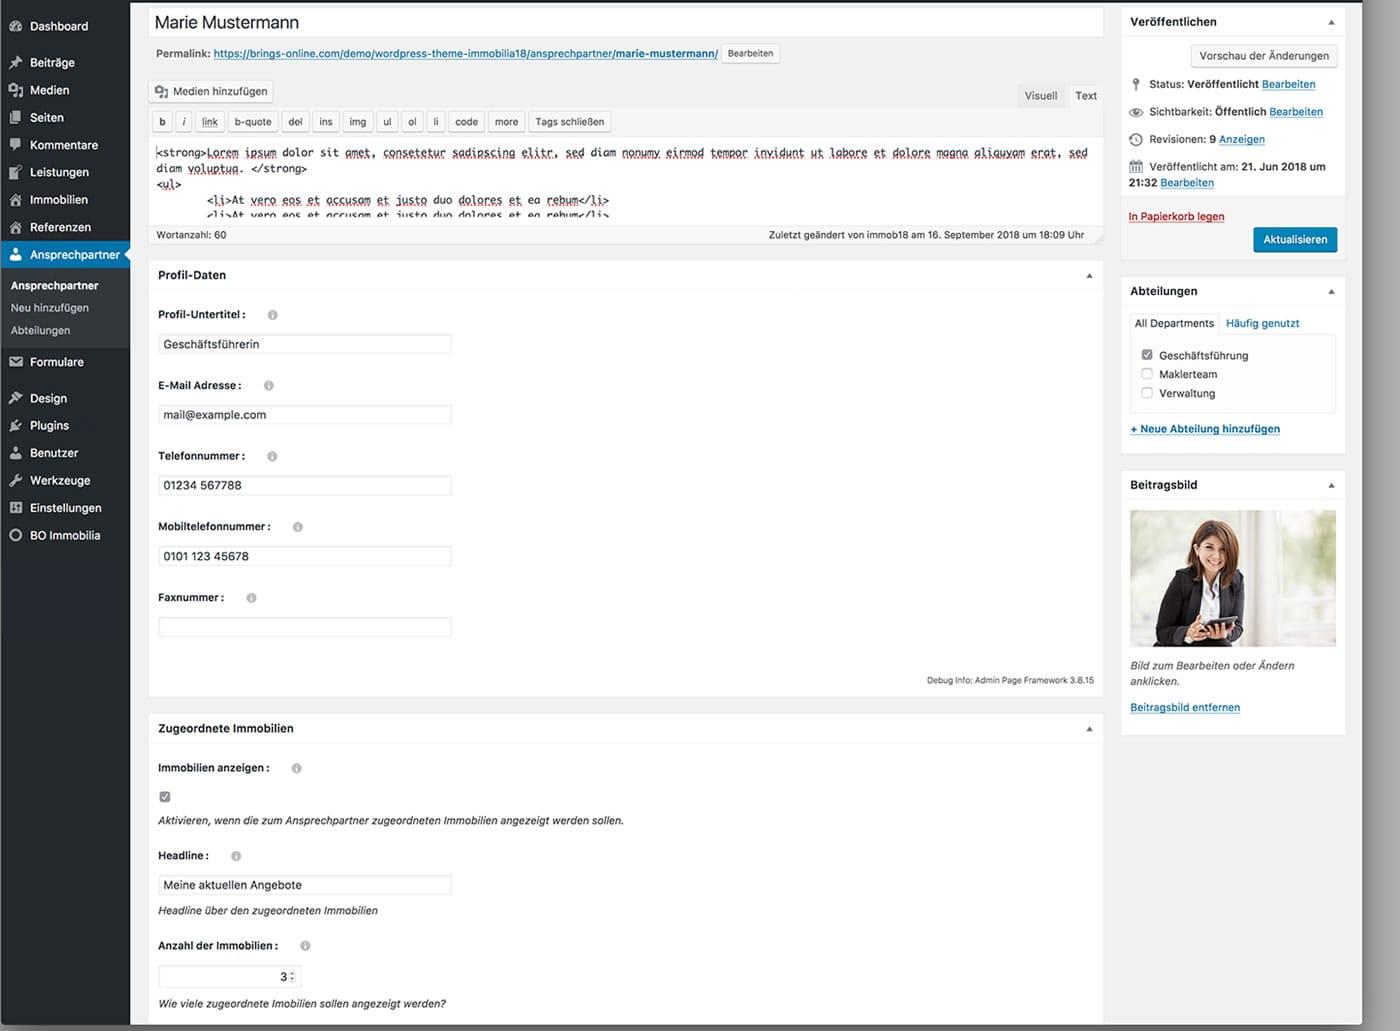 Immobilia - WordPress Theme für Immobilienwebseiten